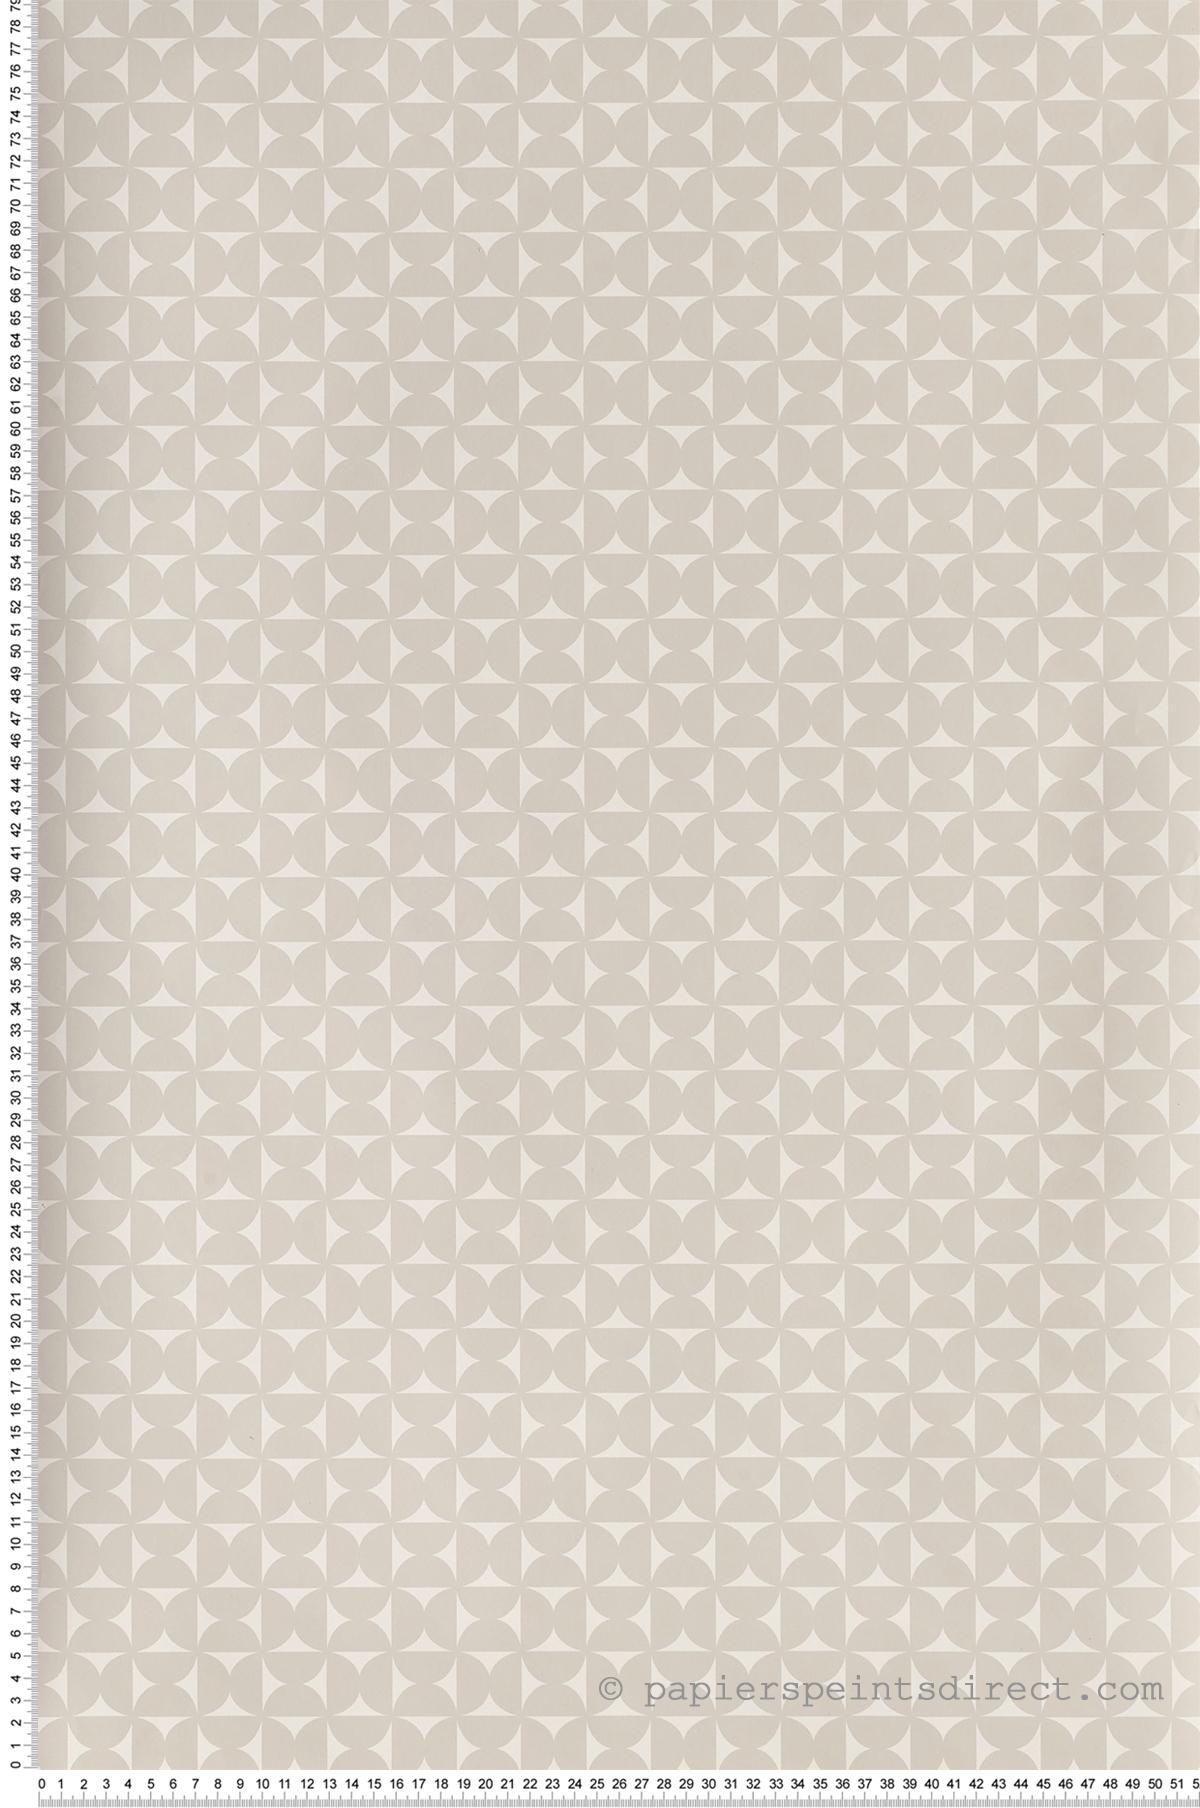 Géométrie gris - Collection Dwell Studio de York by Initiales